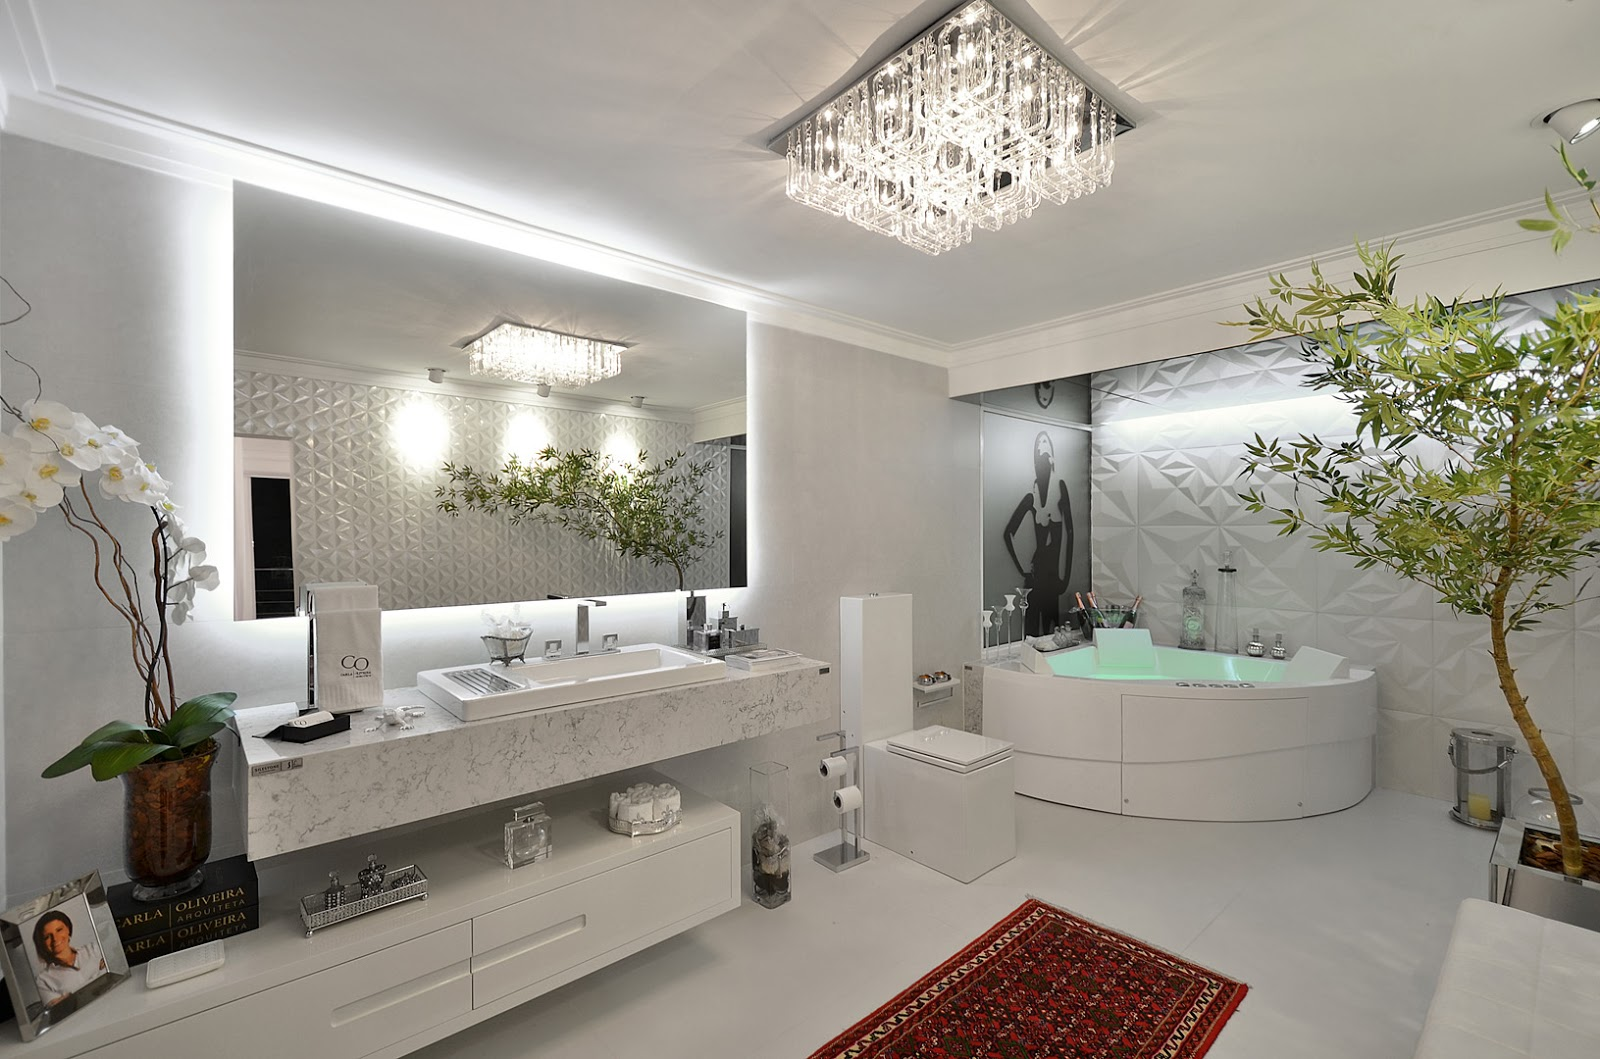 #63382B Tinta epóxi em banheiros e cozinhas saiba mais sobre esse produto  1600x1059 px Projeto De Cozinha Com Banheiro #2827 imagens